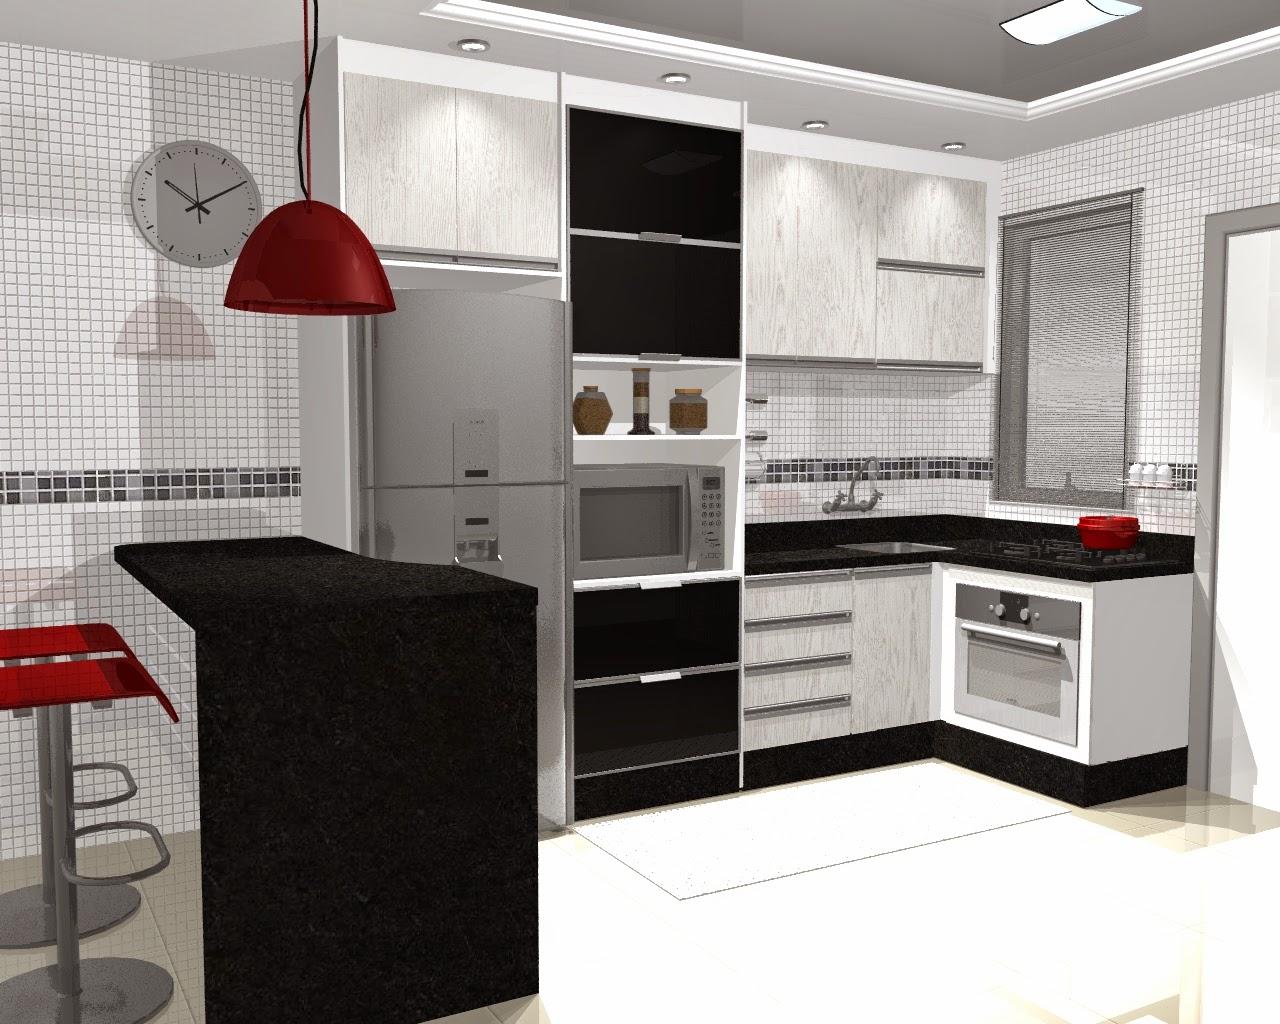 de ter uma linda cozinha moderna prática e de alta qualidade sempre #A32928 1280 1024